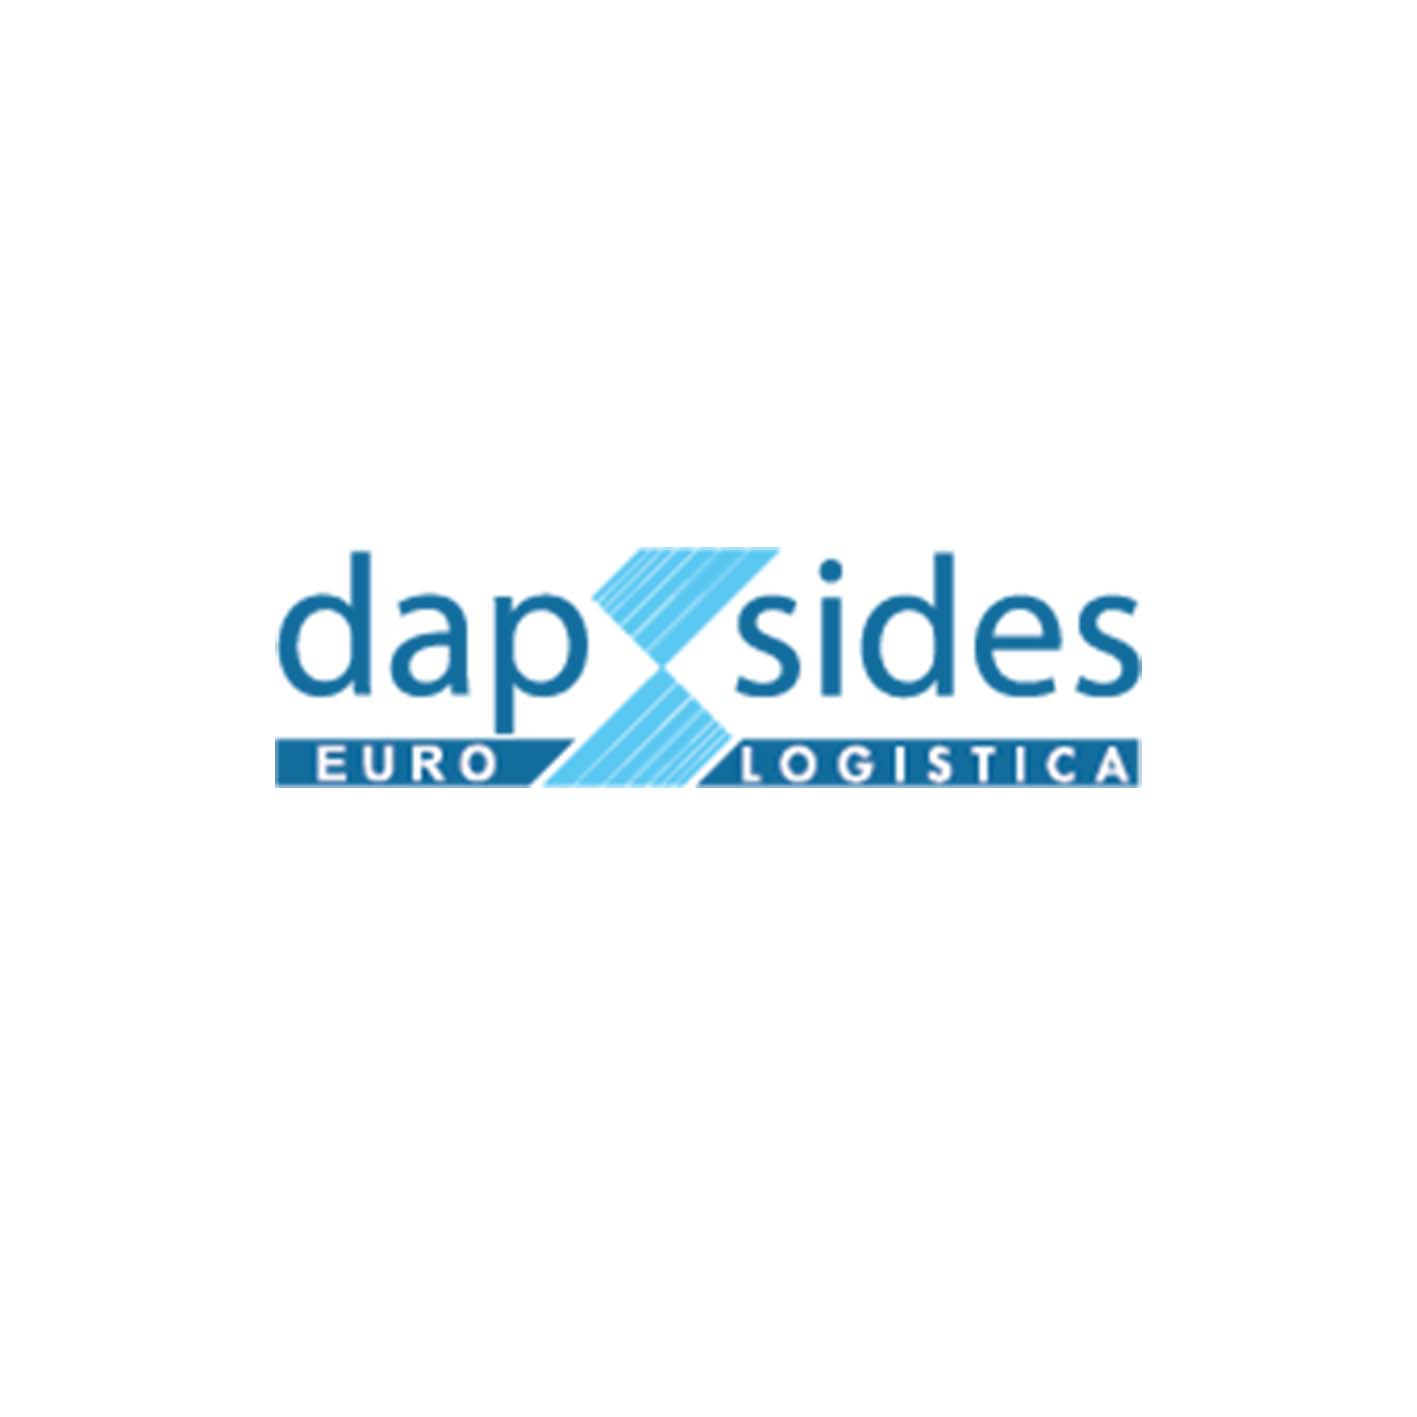 dap-sides-eurologistica-logo